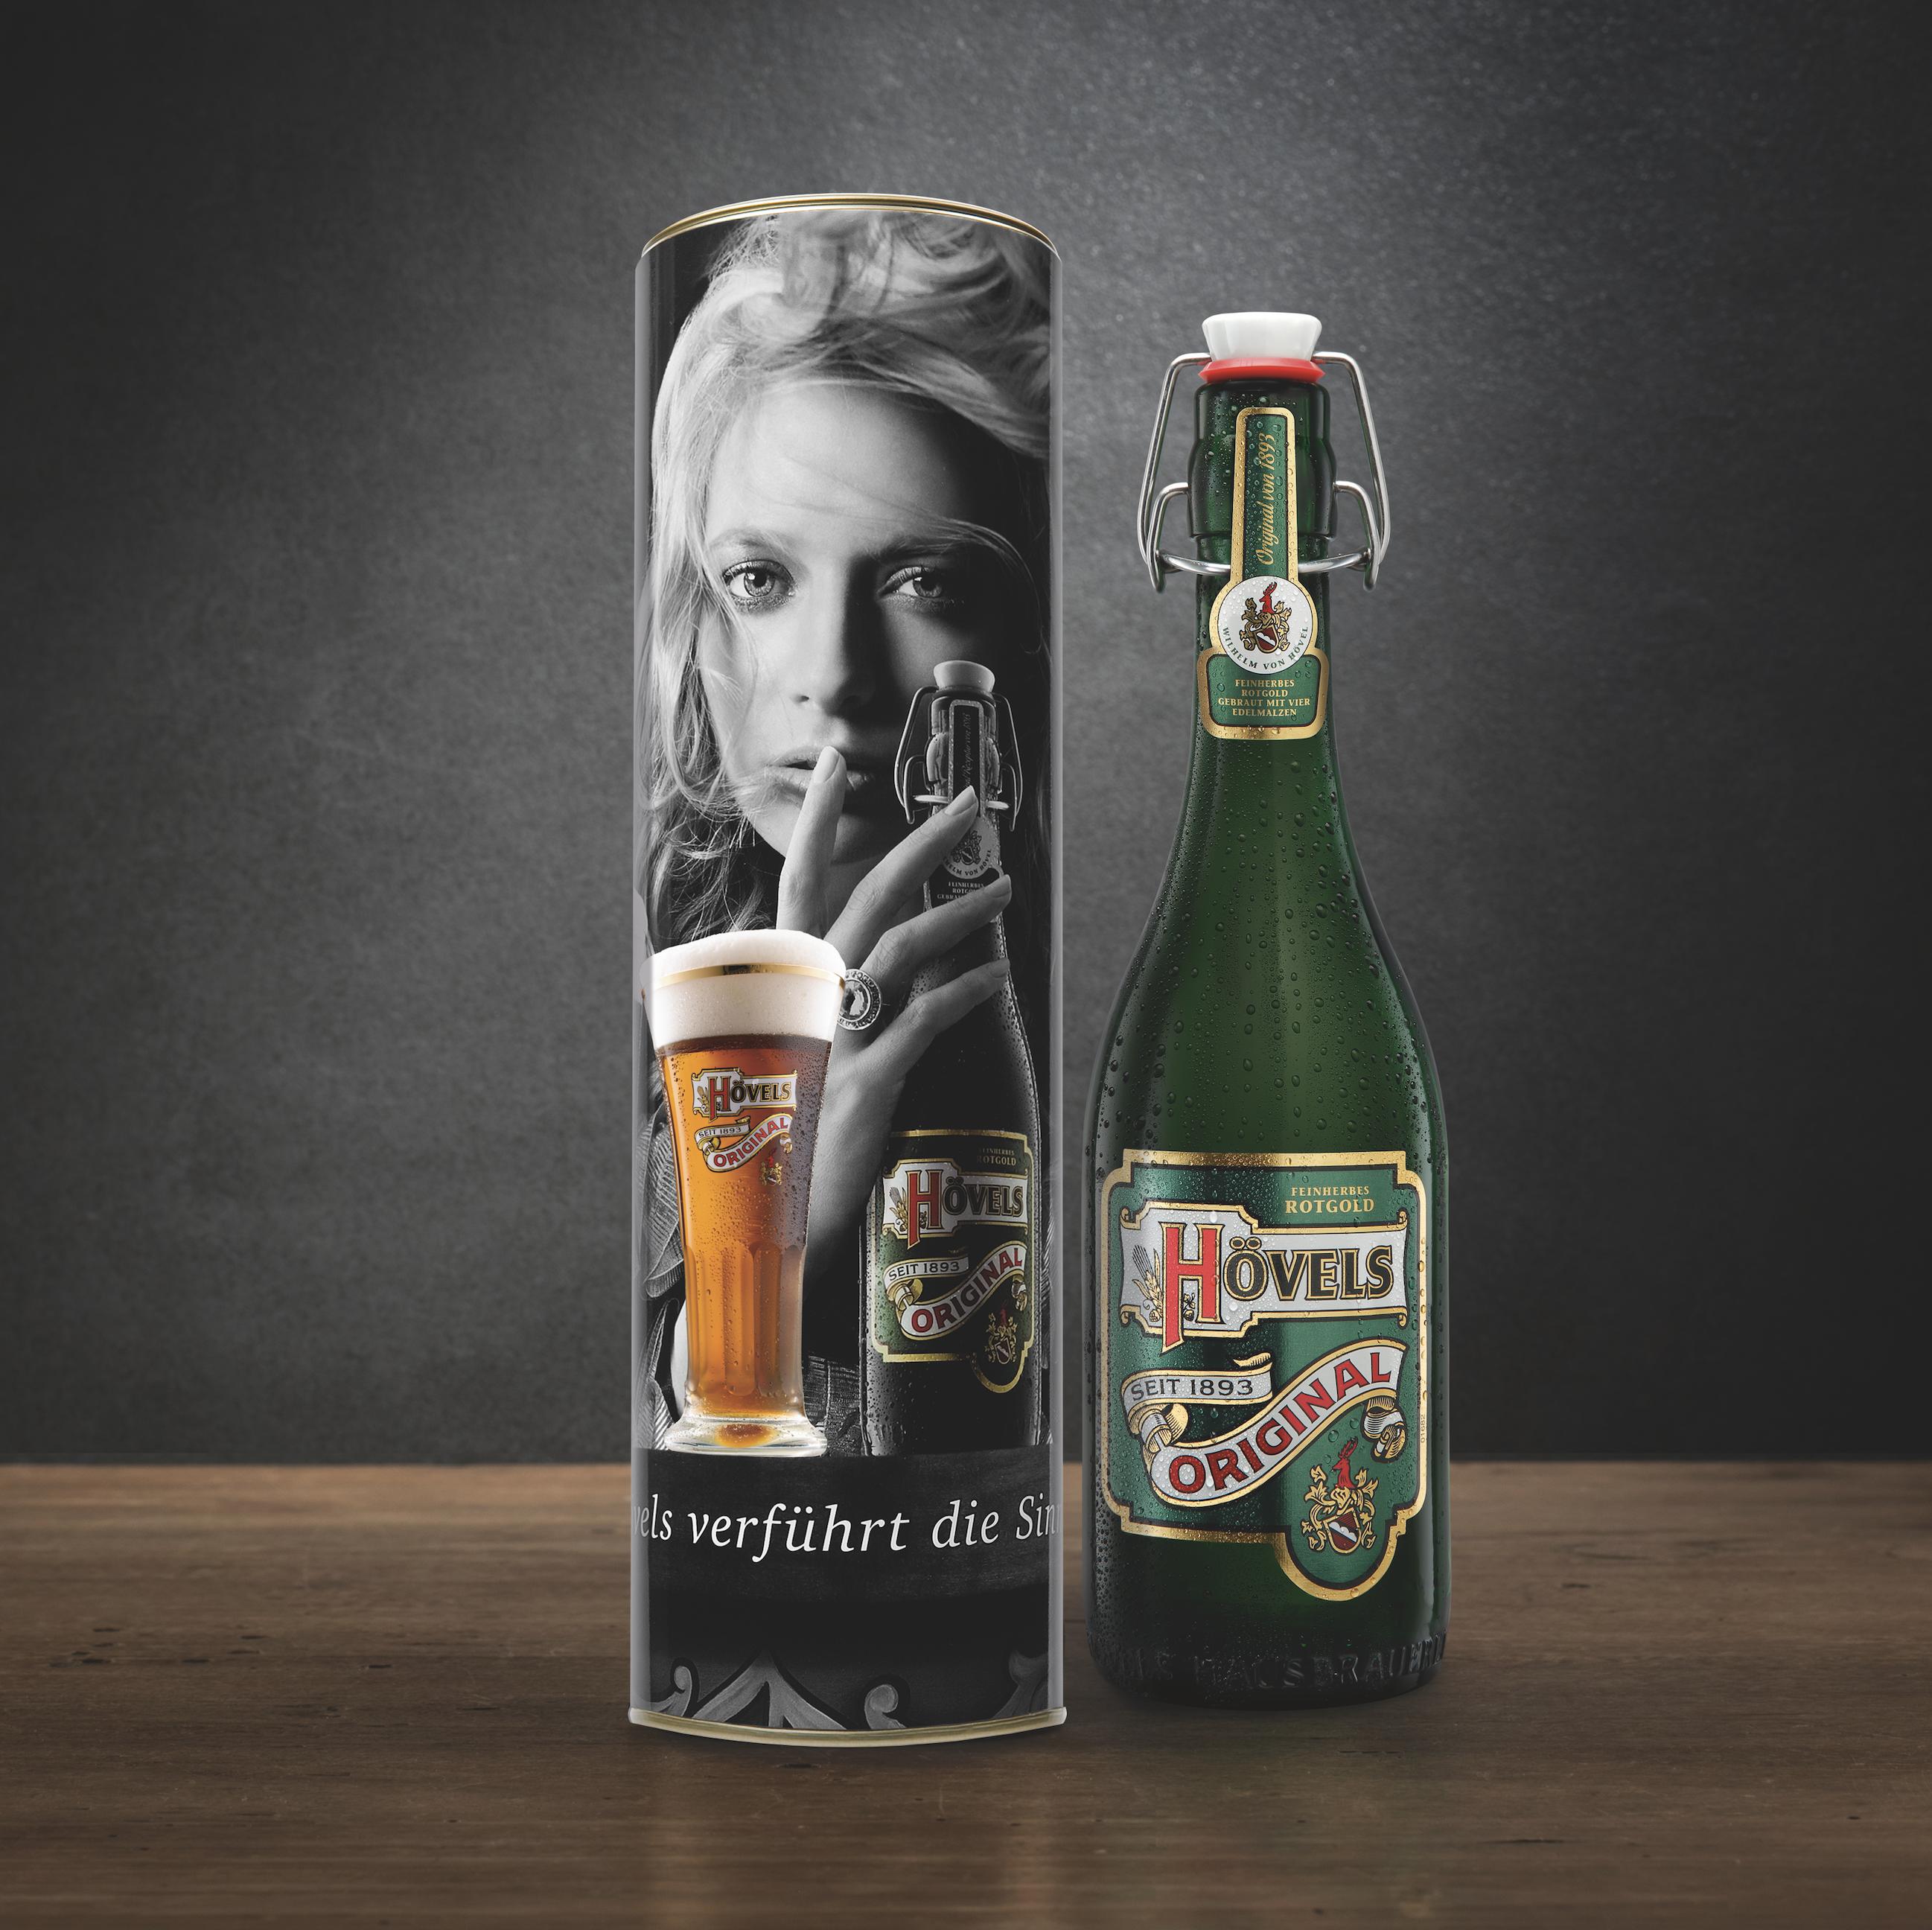 Hövels Original – Fanartikel Metalldose mit Bügelflasche kaufen (Hausbrauerei Dortmund)